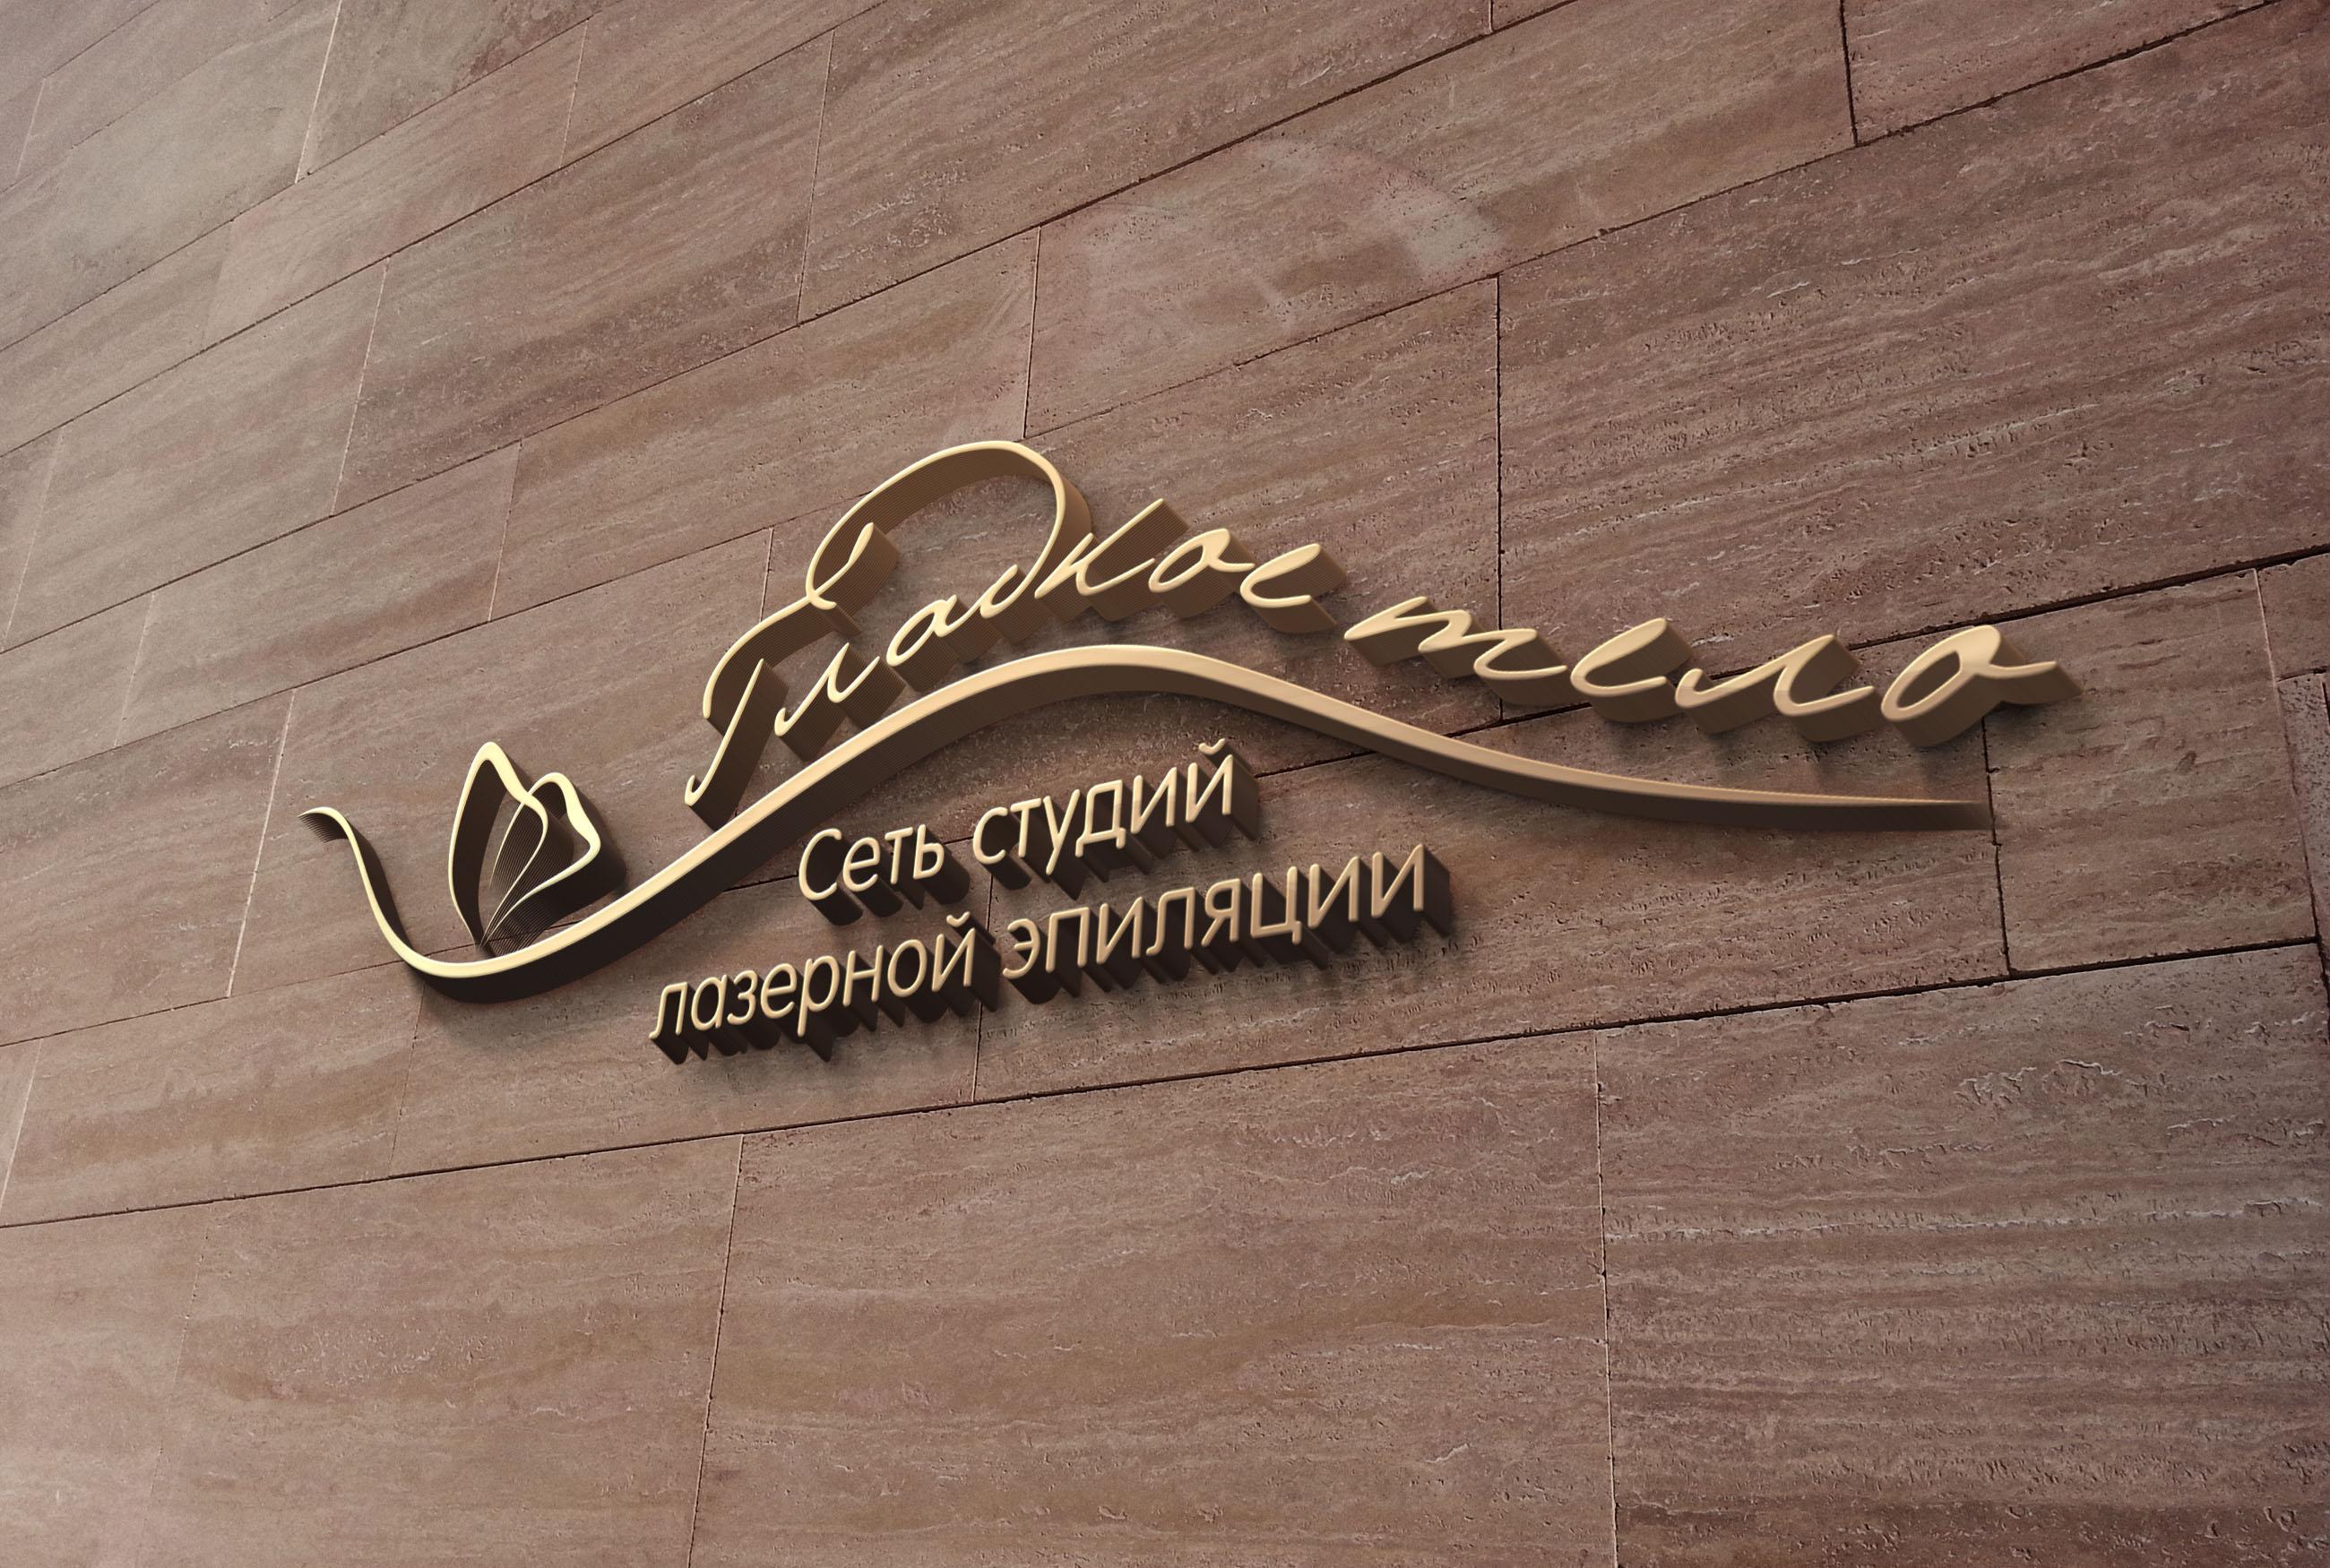 Логотип для сети студий лазерной эпиляции фото f_8725a50bd0e1a73d.jpg